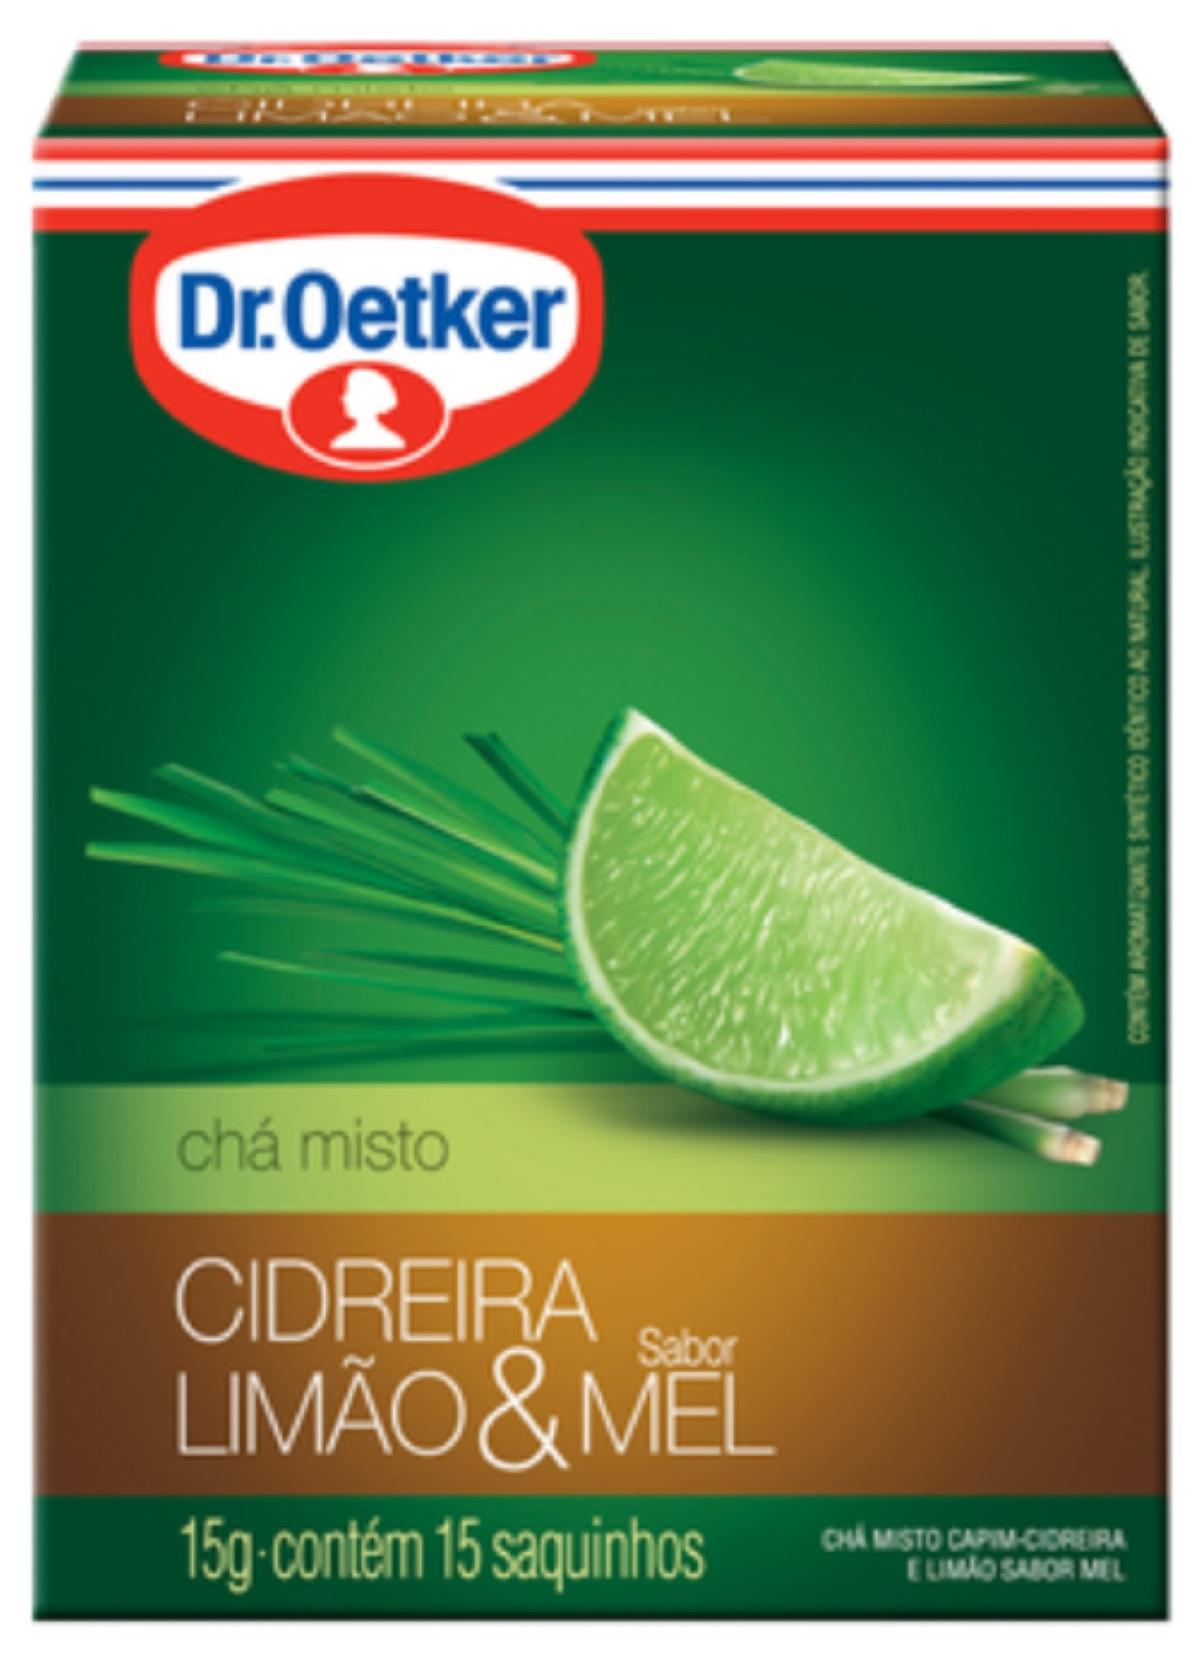 CHÁ DE ERVA CIDREIRA LIMÃO E MEL DR. OETKER KIT com 2 unidades